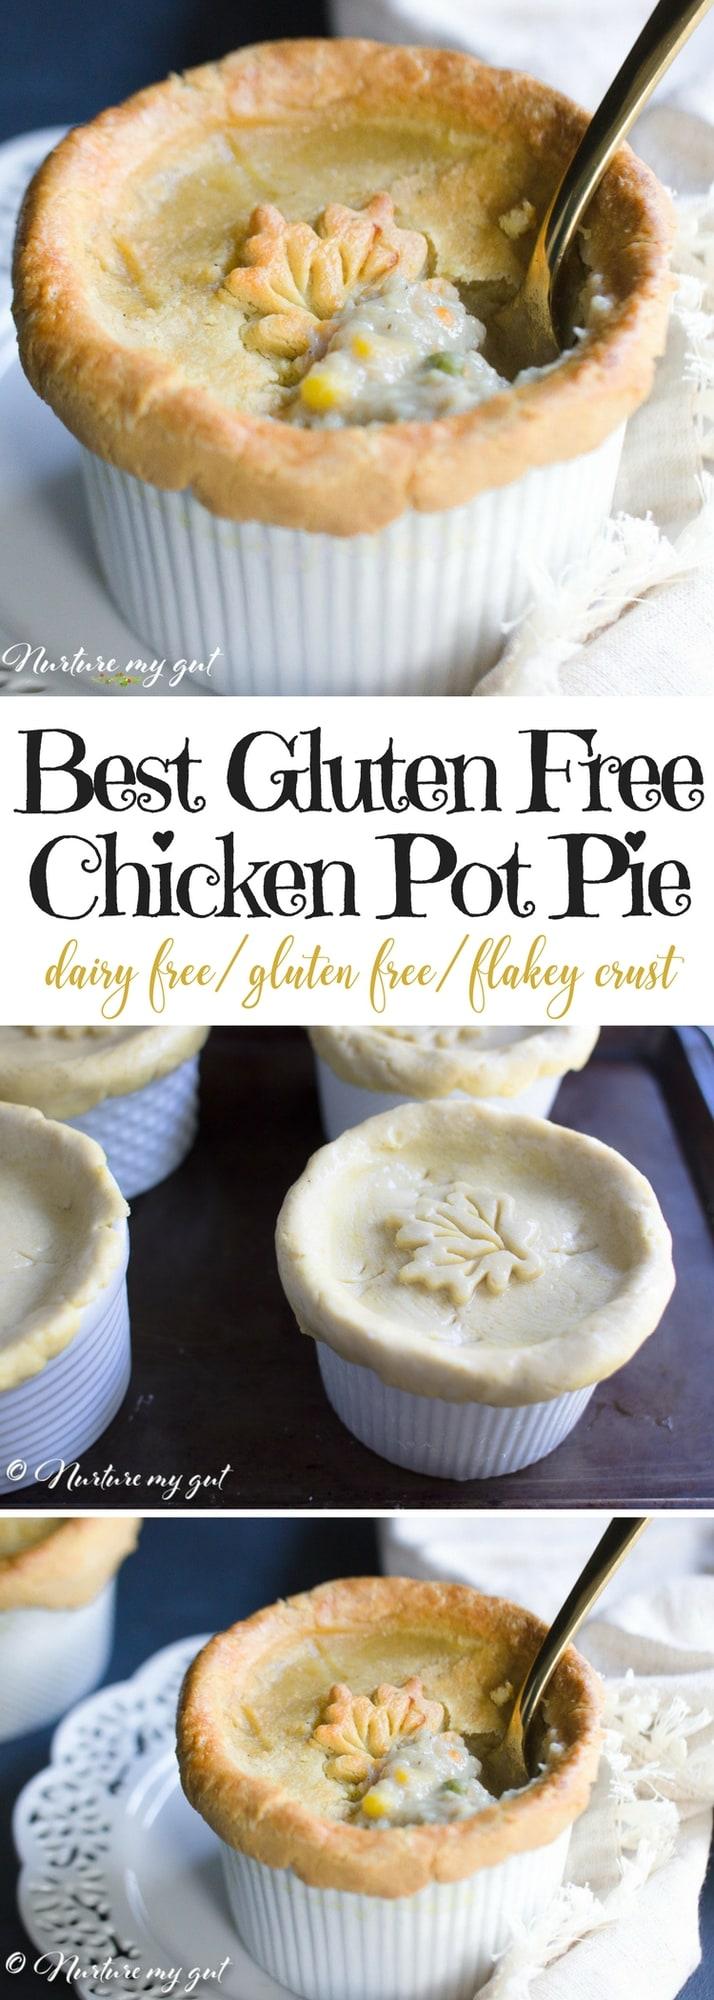 Best Gluten Free Chicken Pot Pie Recipe